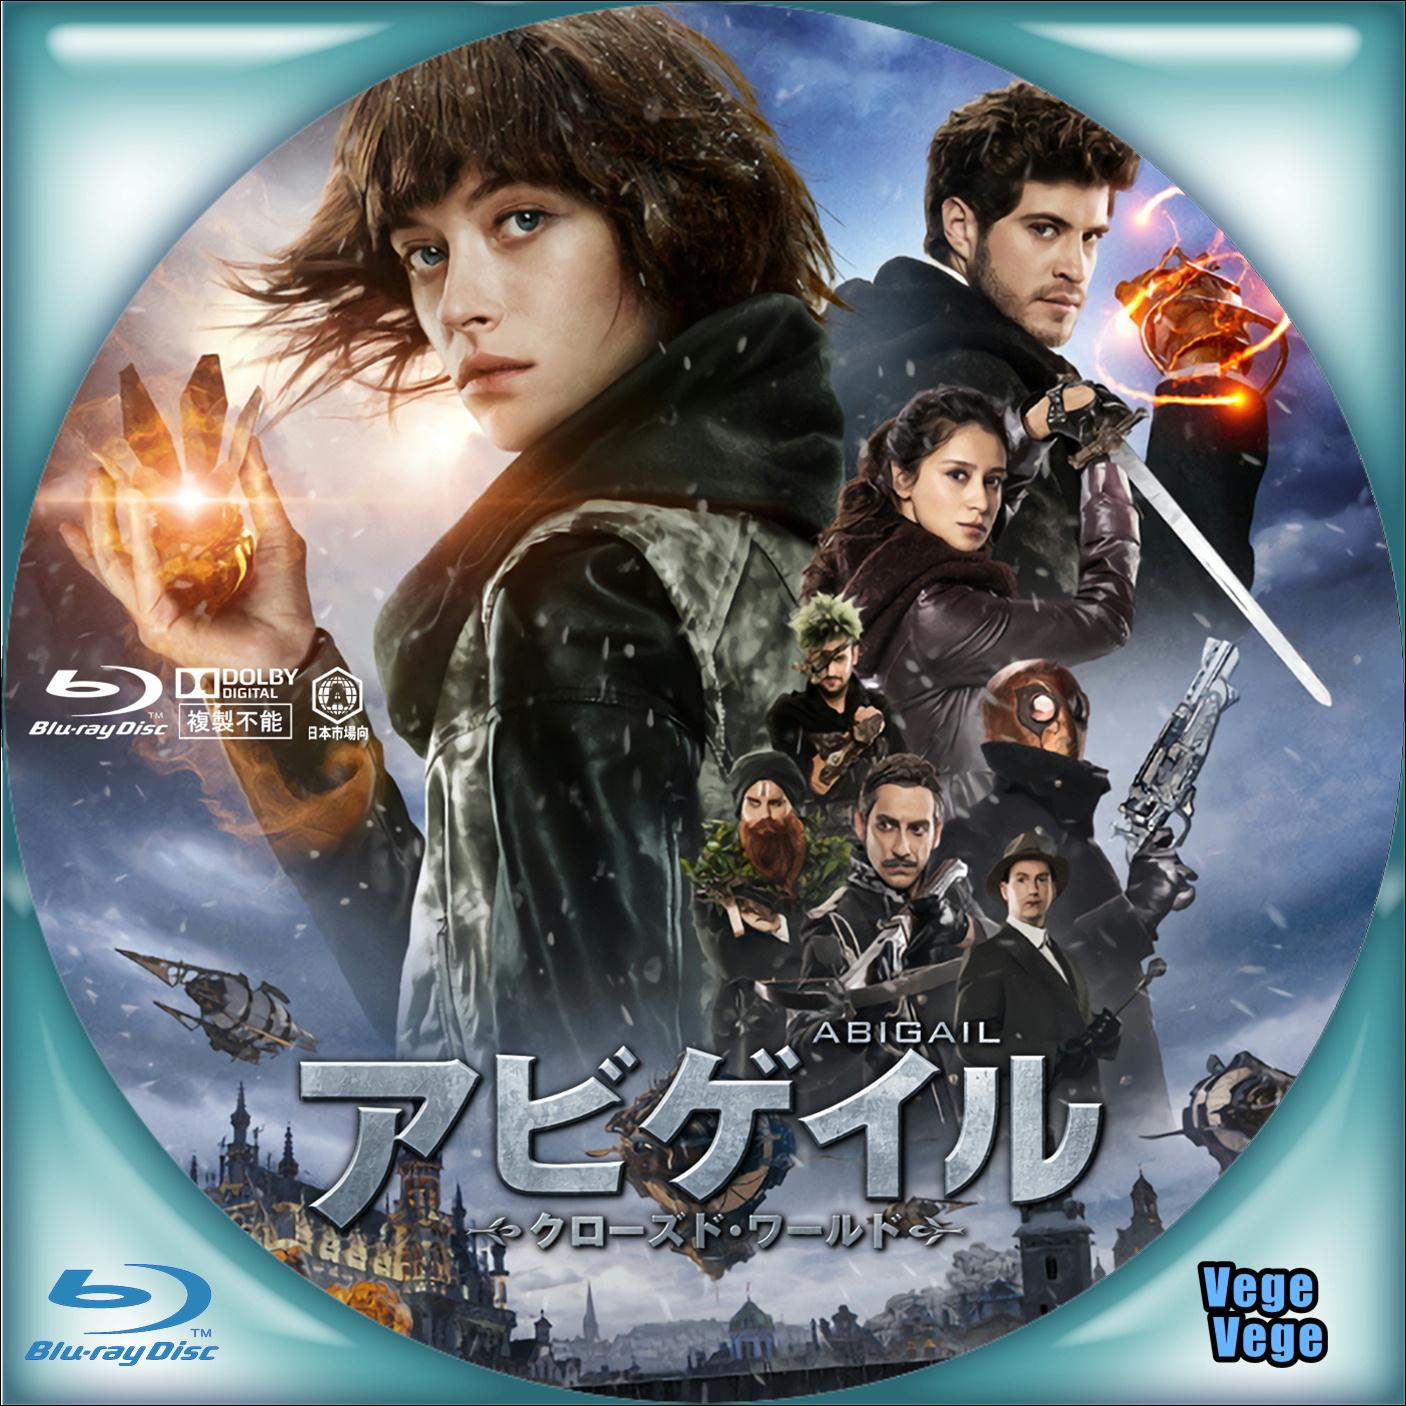 ベジベジの自作BD・DVDラベル 超(スーパー)